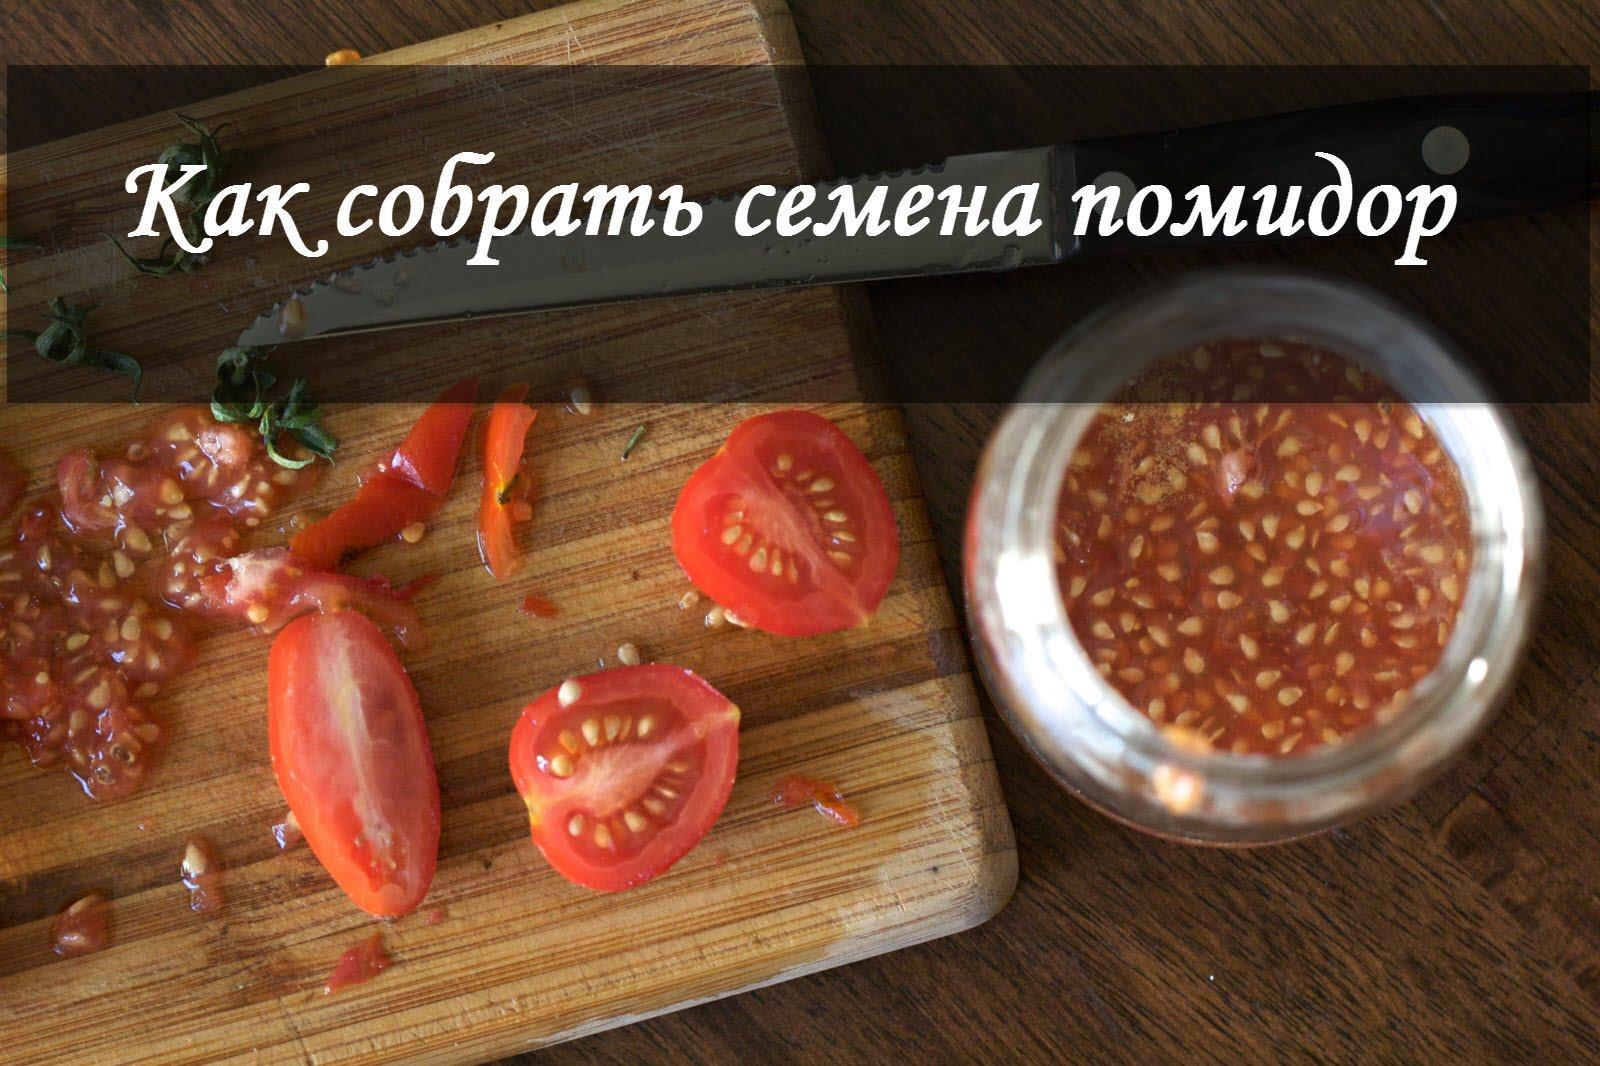 Сбор семян томатов в домашних условиях